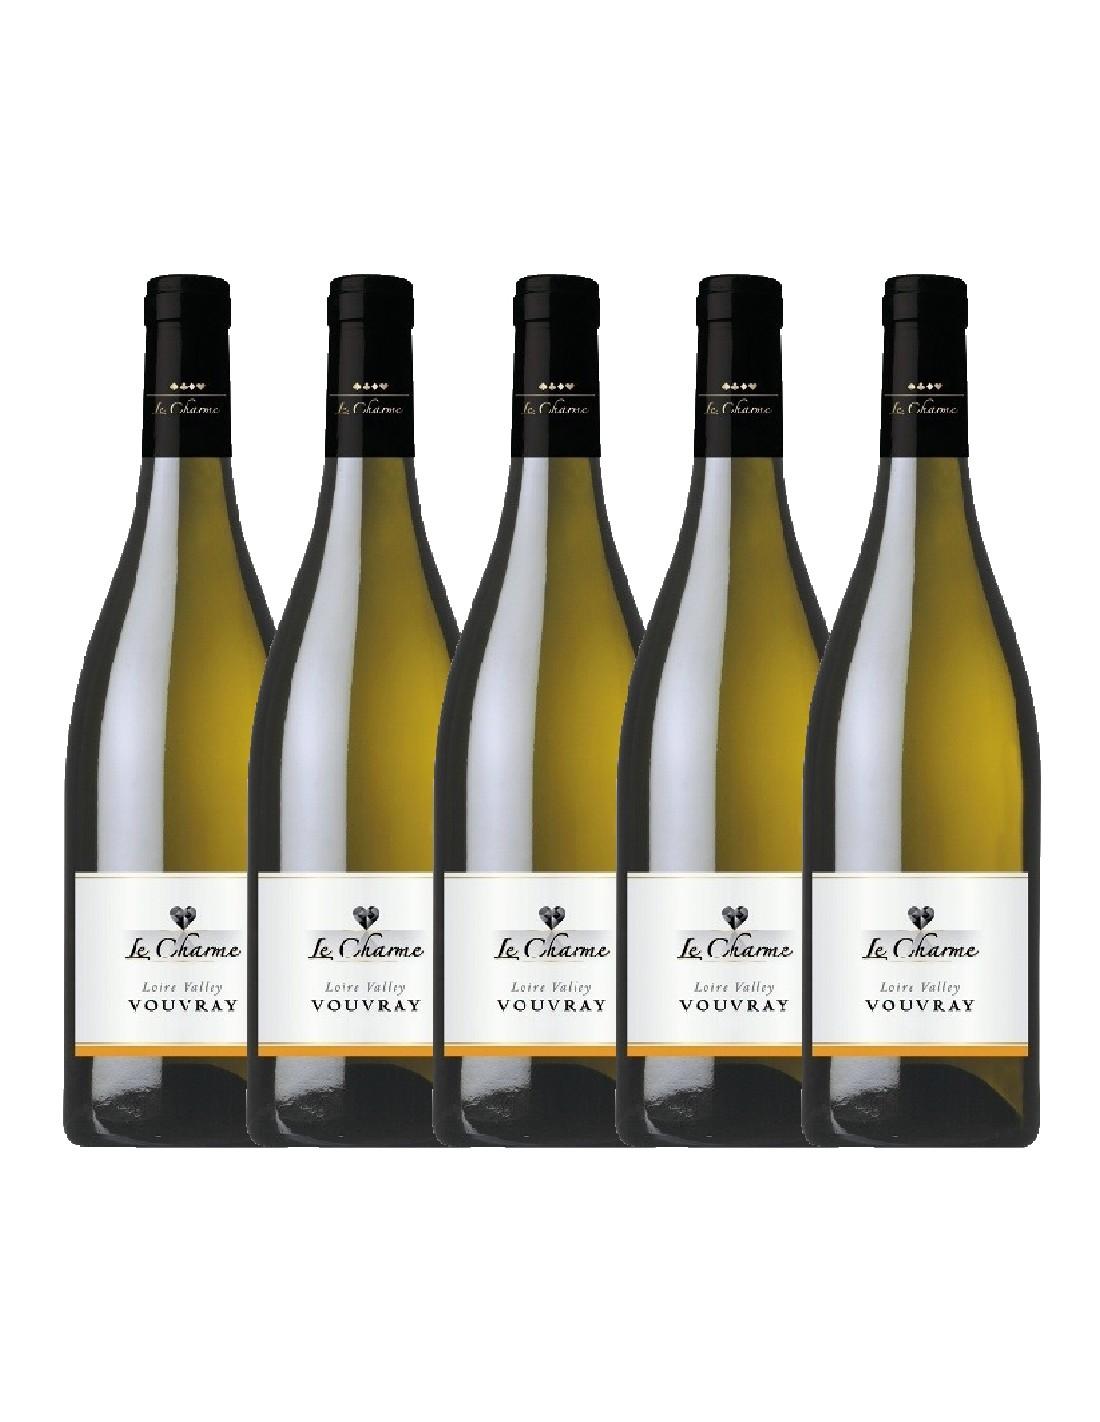 Pachet 5 sticle Vin alb sec, Le Charme Vouvray, 0.75L, 11.5% alc., Franta